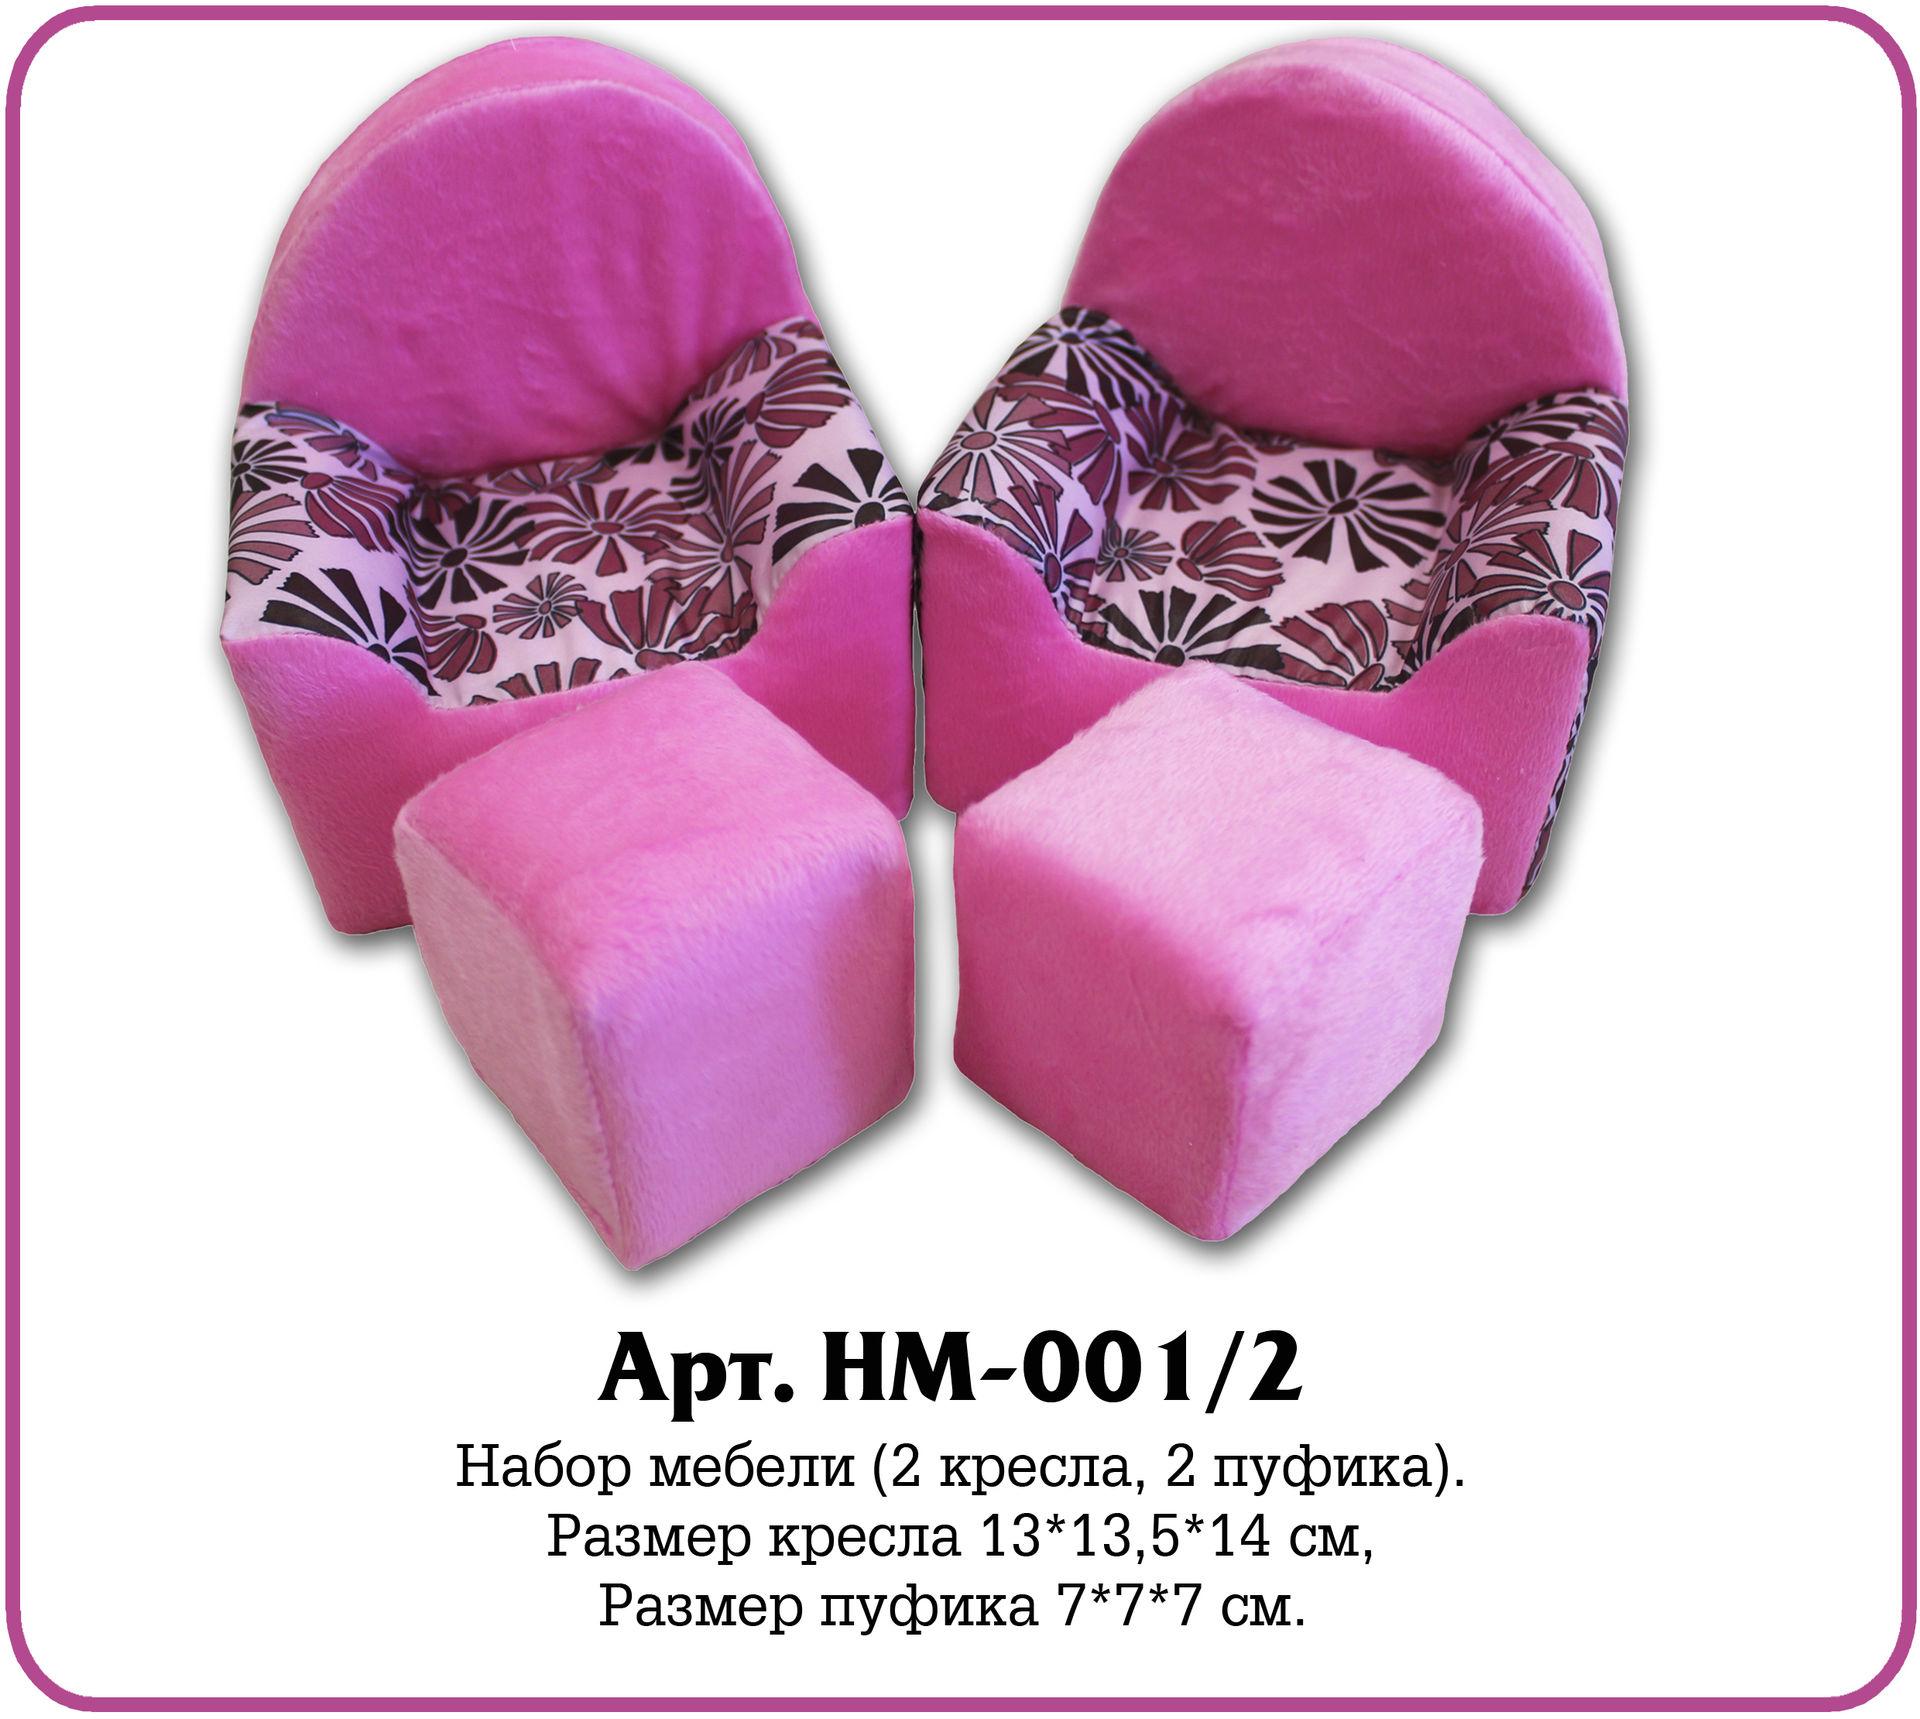 Купить BELON Набор мягкой мебели для кукол Яркие листики с малиновыми вставками , 4 предмета [HM-001/2-7], ПВХ, Картон, Текстиль, плюш, фигурный поролон, Мебель для кукол